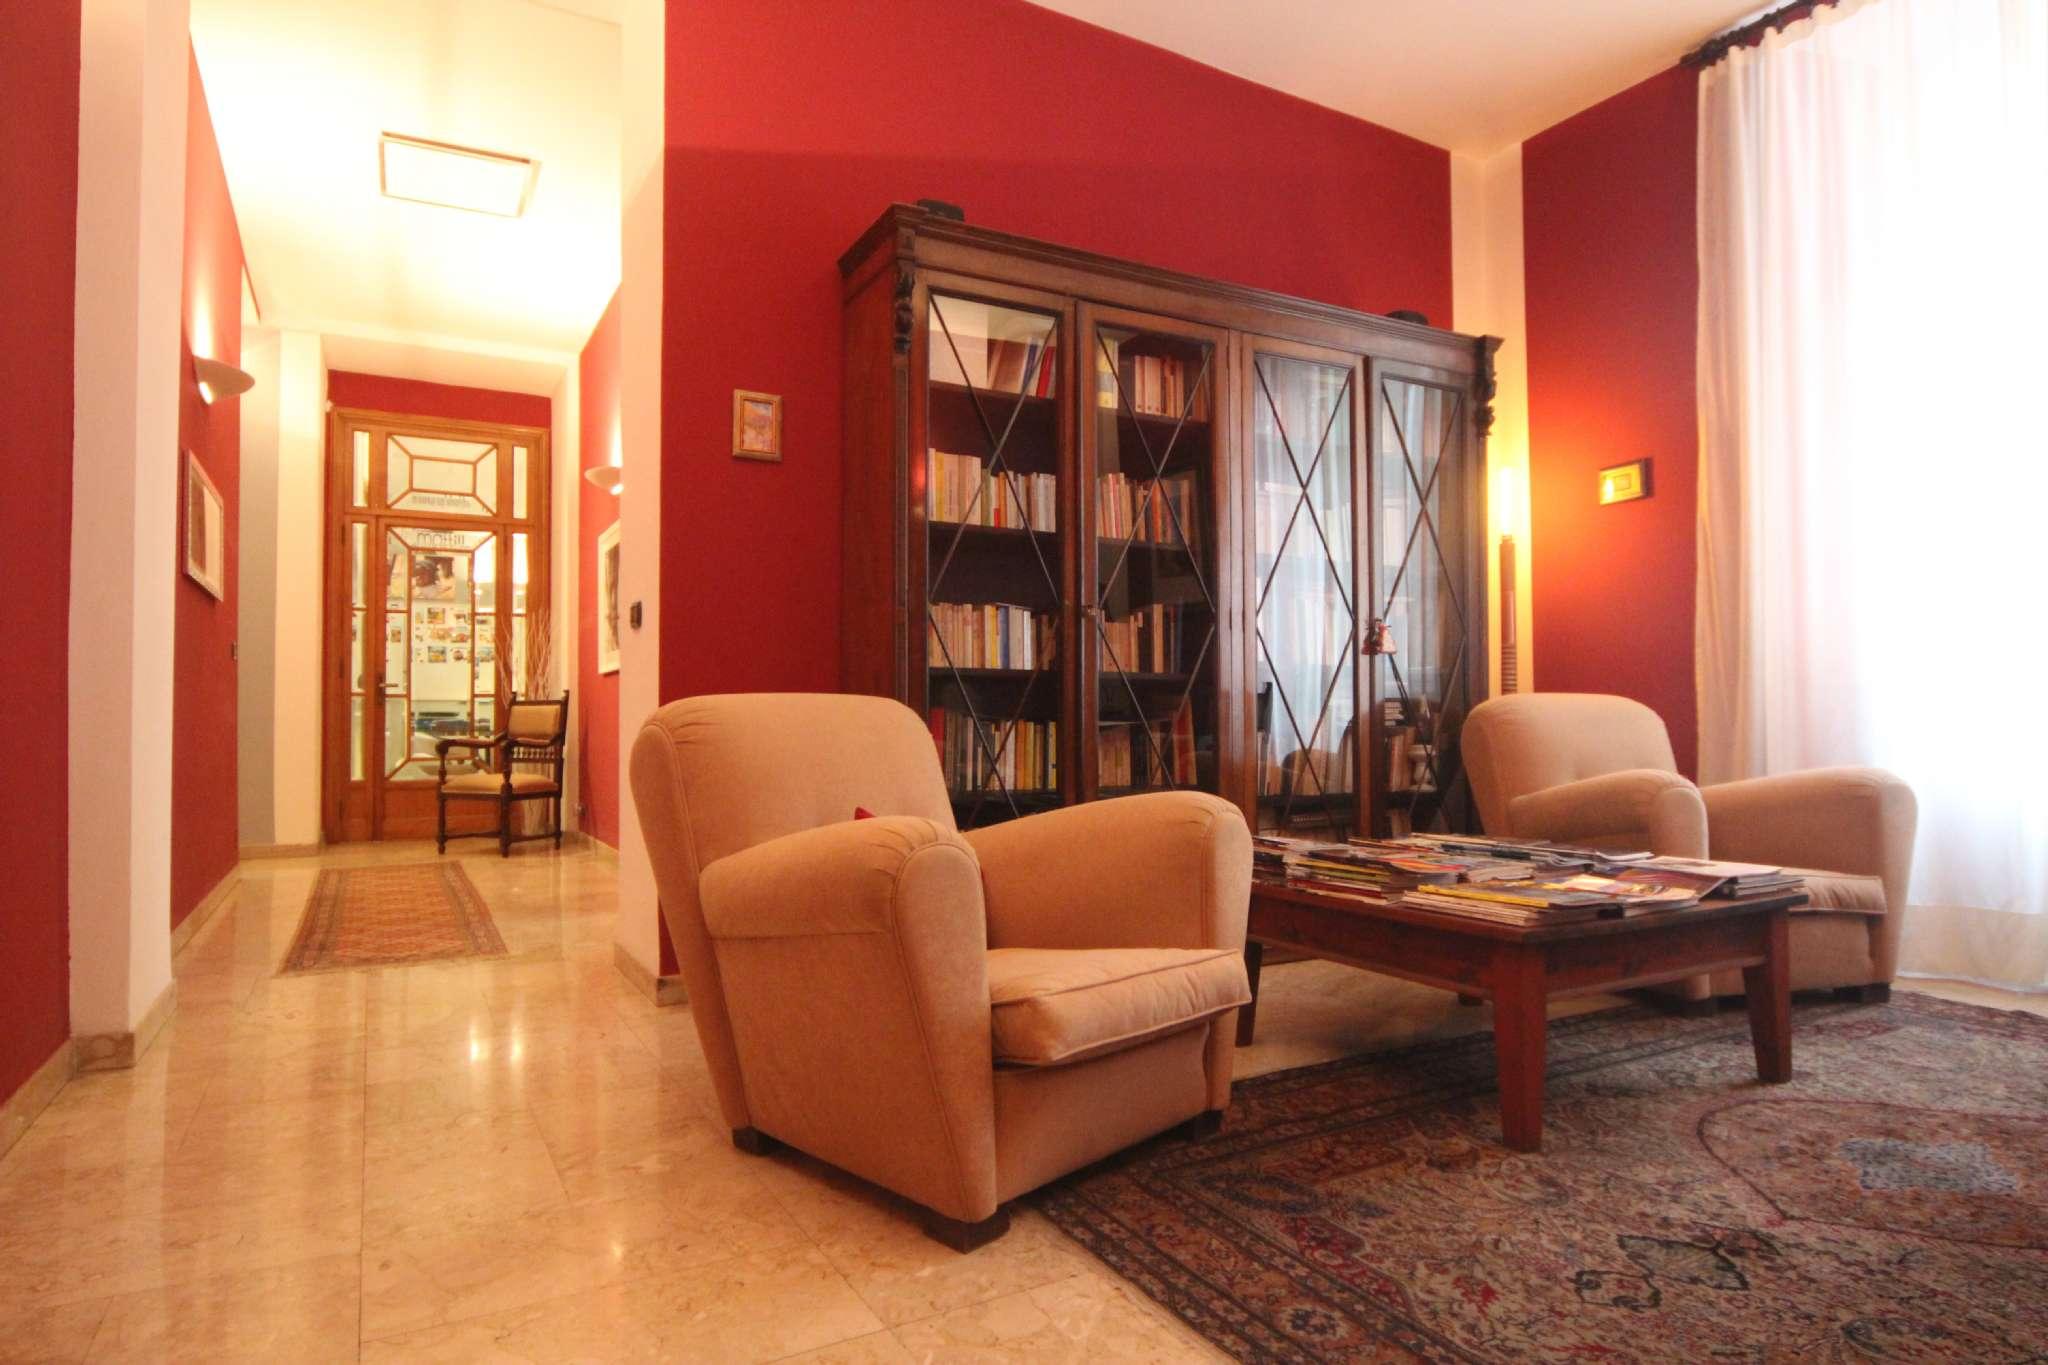 Immagine immobiliare Appartamento in vendita di ca. 210 mq. in via Cernaia 30, Torino Proponiamo in vendita appartamento di 210 mq. ca. sito al 3 piano di una casa signorile, in via Cernaia 30 a Torino, zona Cittadella.L'unità è così...